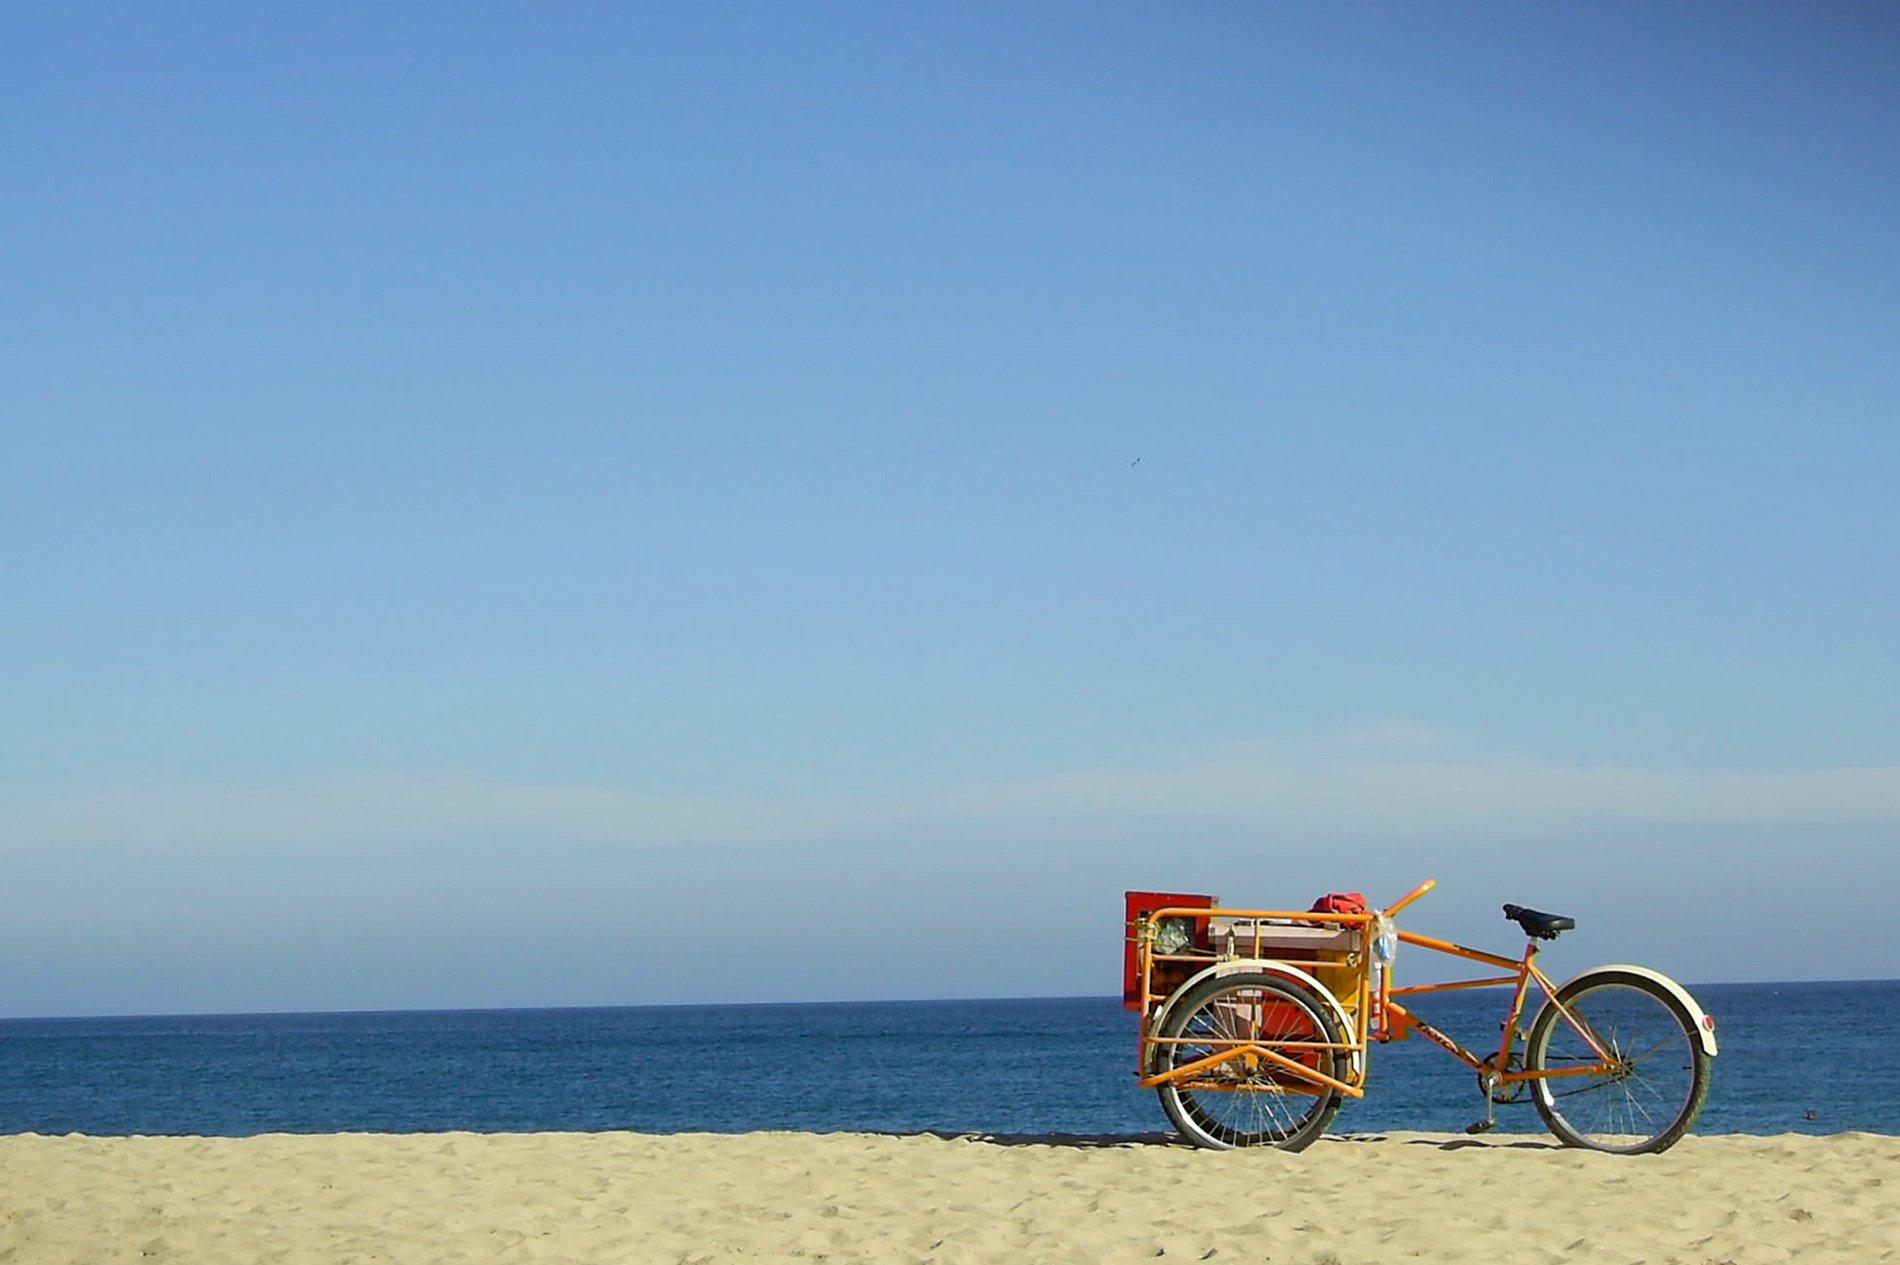 Les iles vanille de l 39 ocean indien l office de tourisme de l 39 ouest bouge en triporteur - Office de tourisme mayotte ...